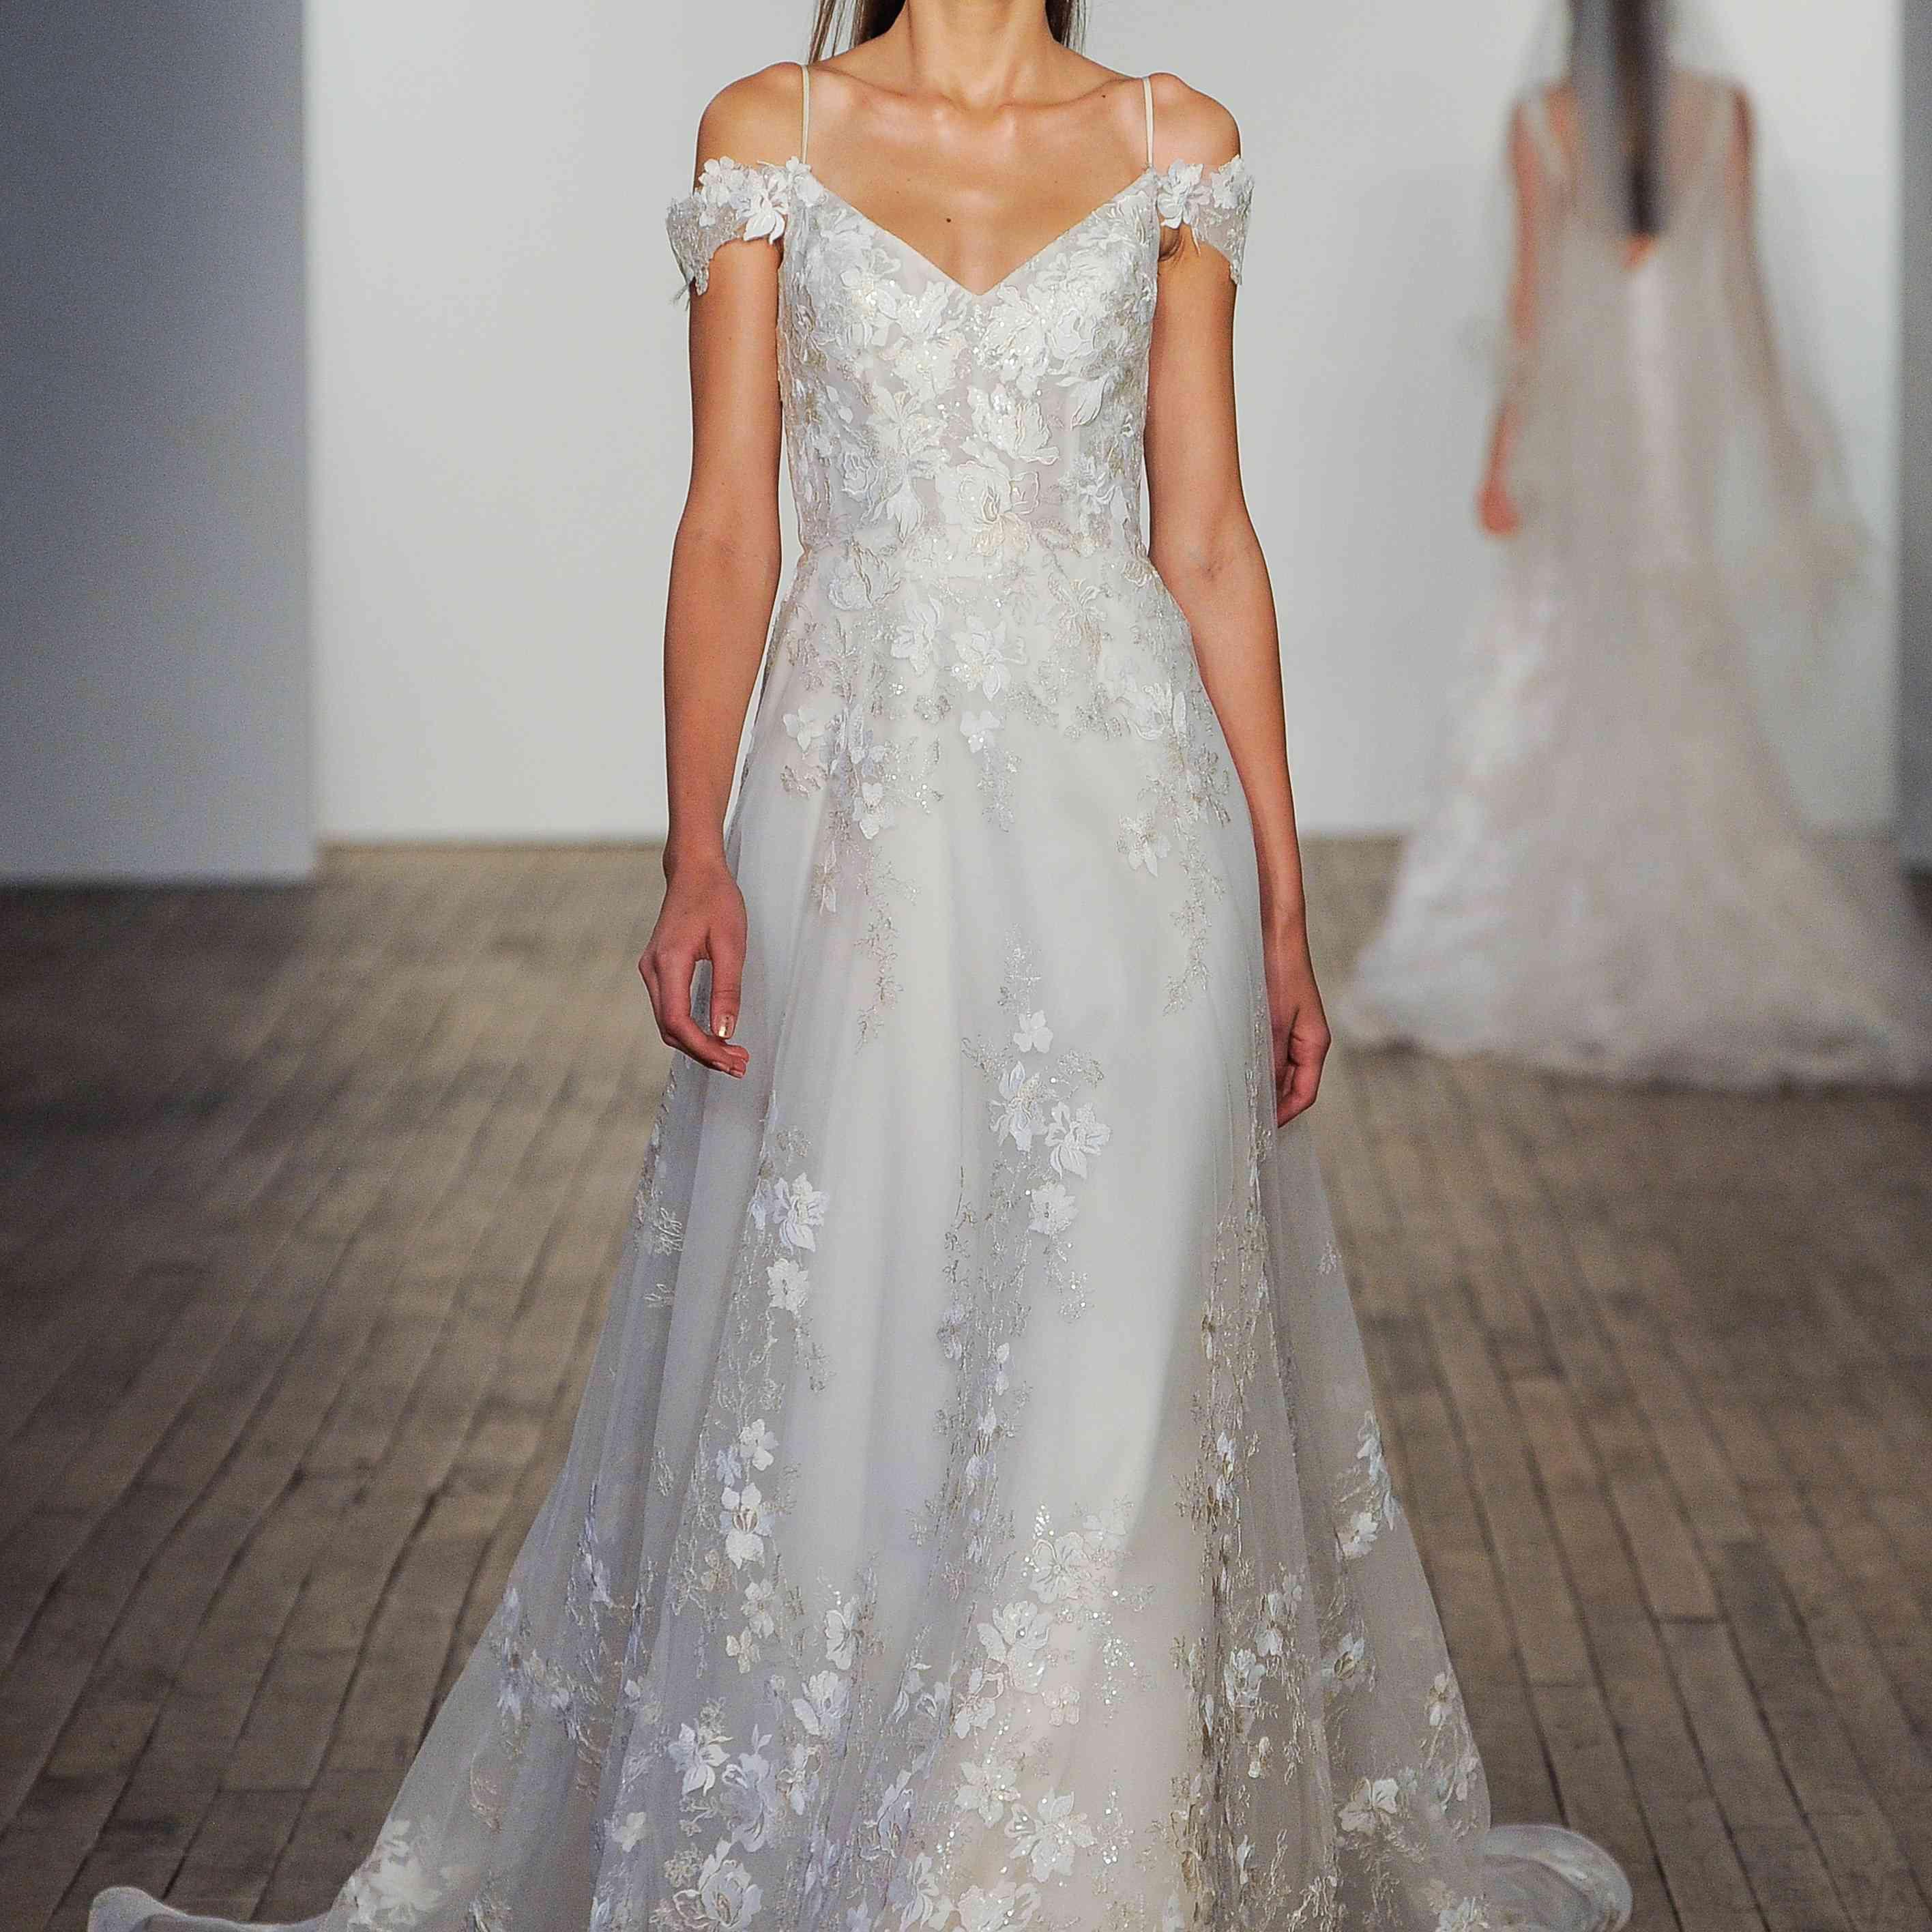 Margaret off-the-shoulder wedding dress